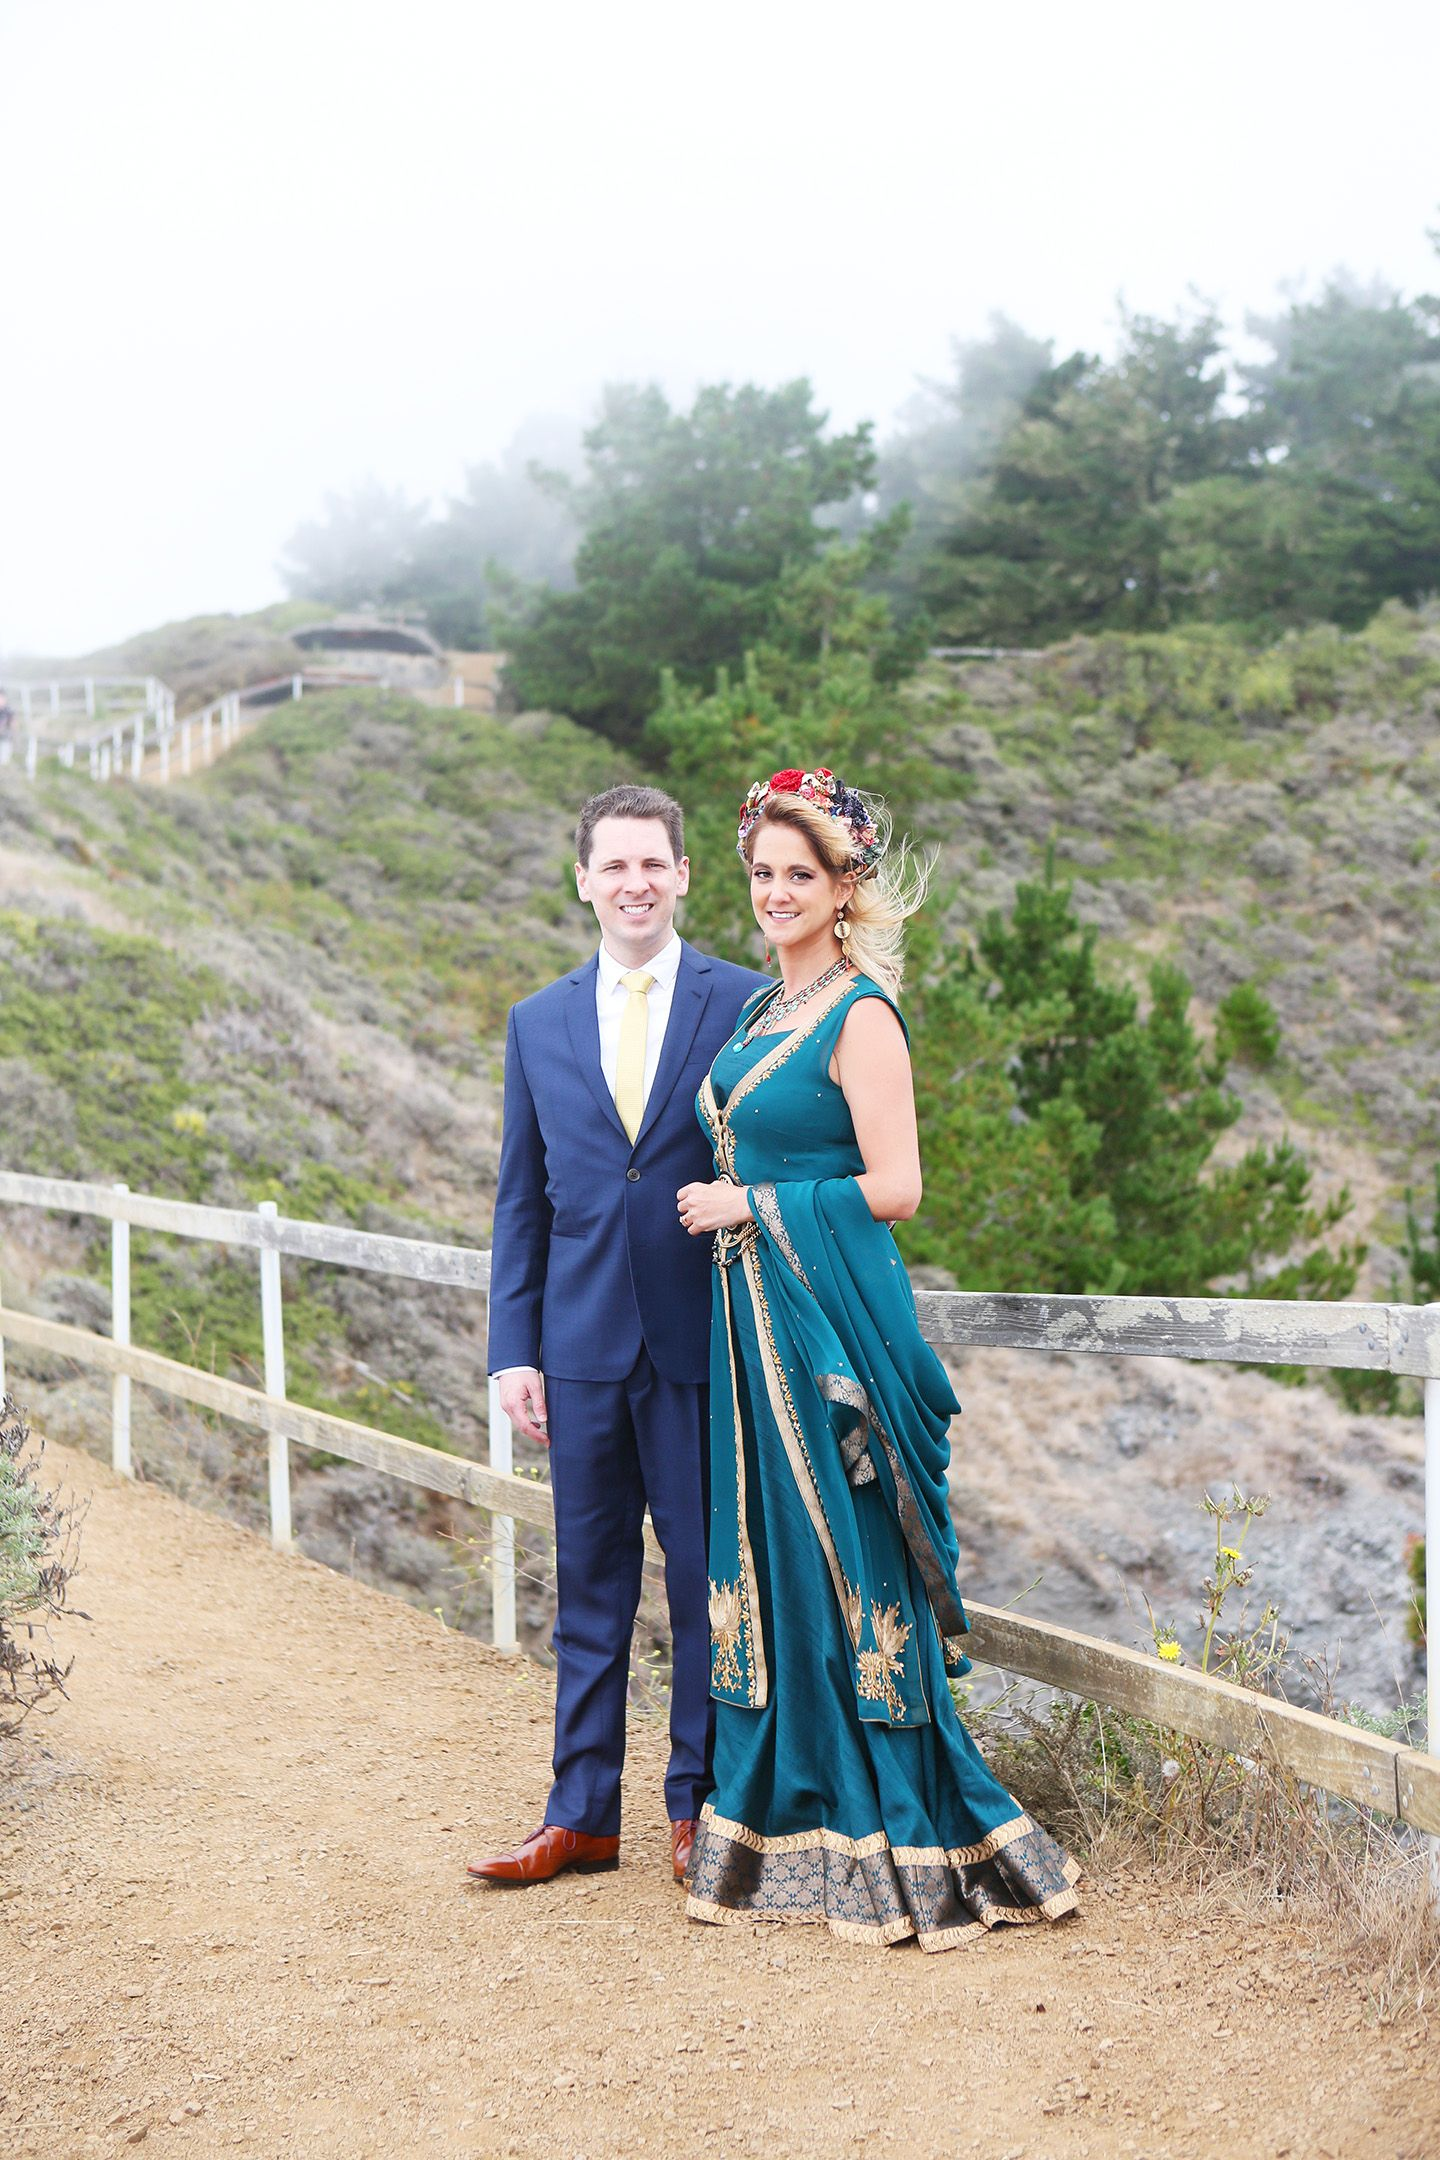 Wedding at Pelican Inn at Muir Beach